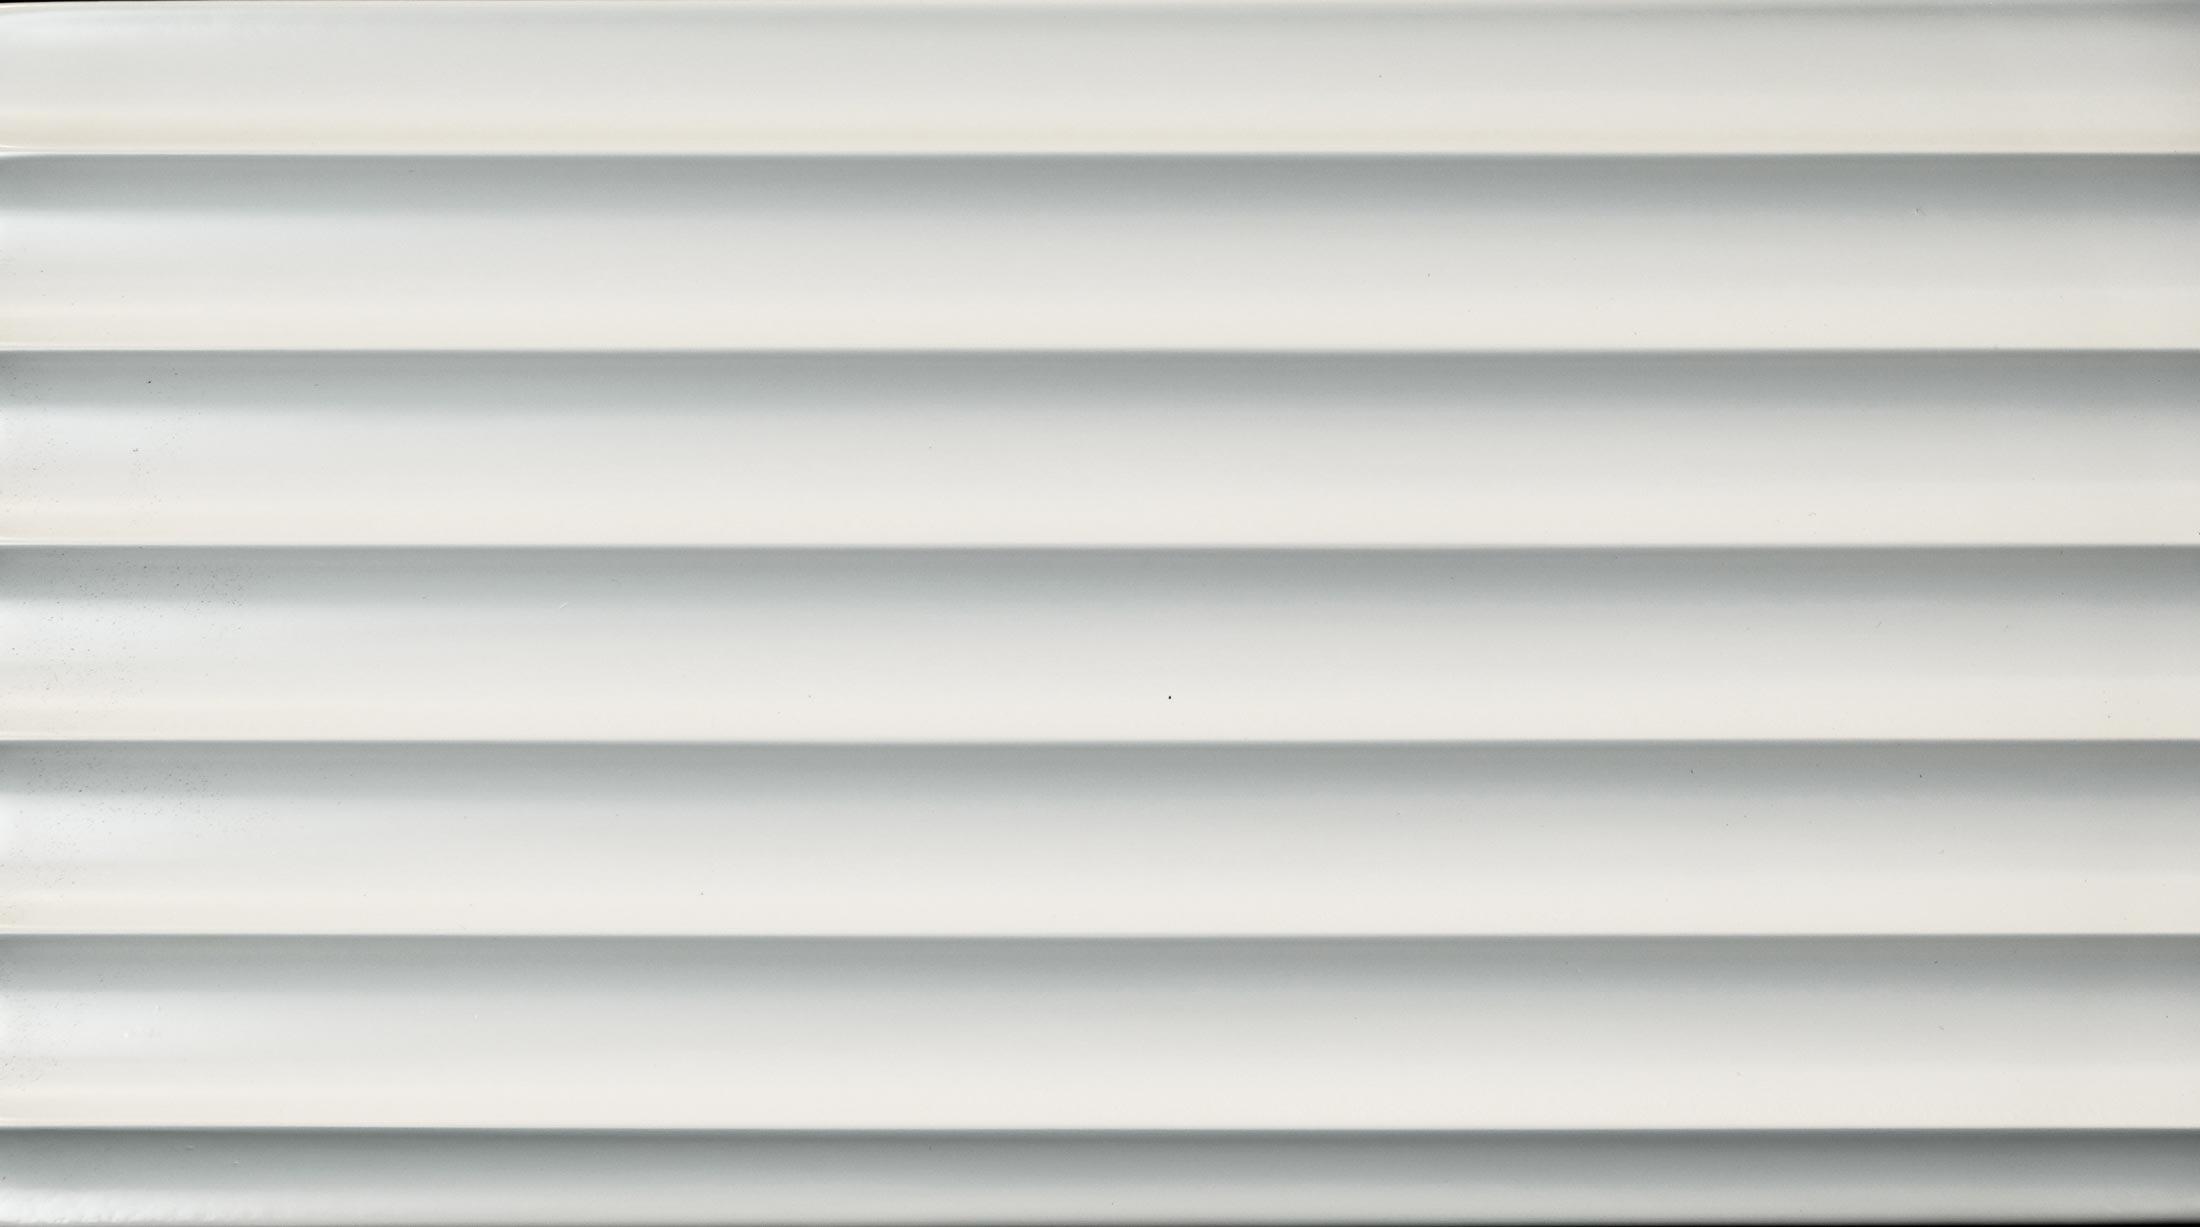 wandpaneele-3d-texturiert-weiss-lackiert-klare-kante